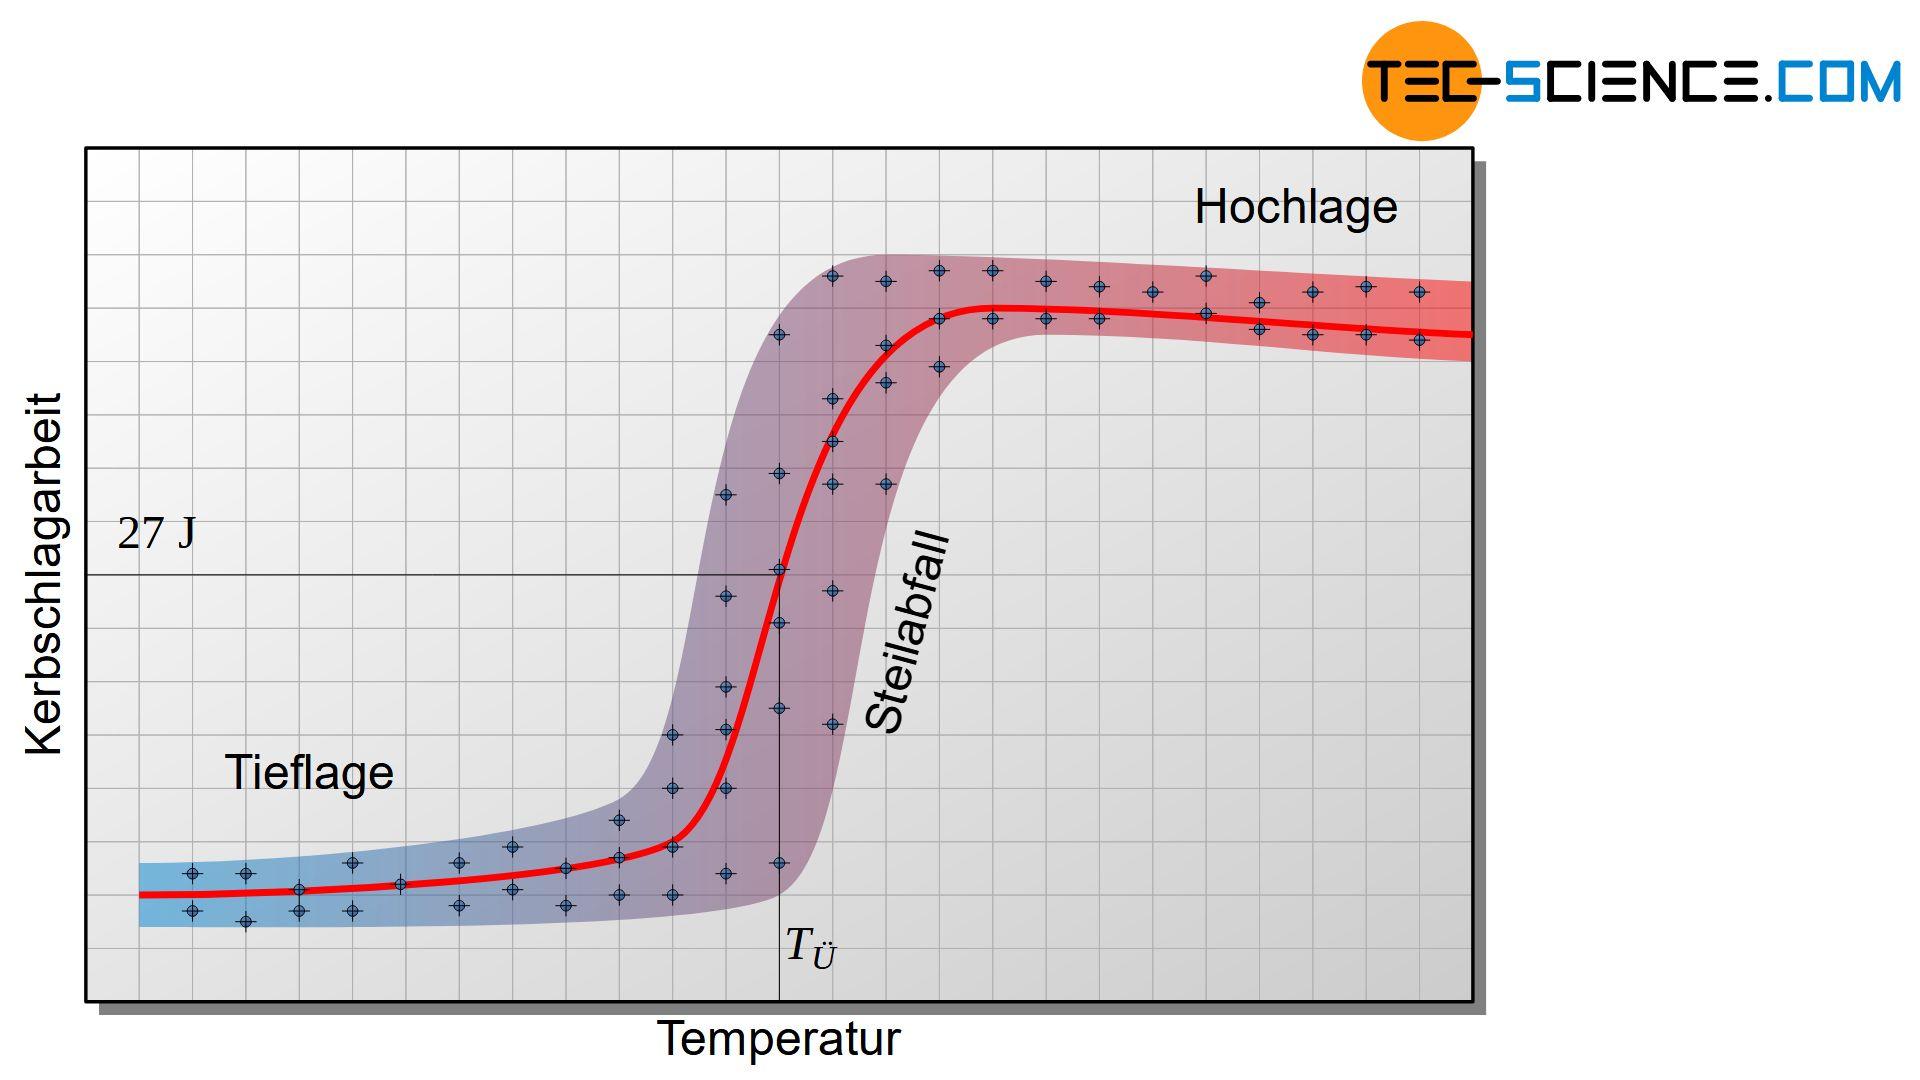 Kerbschlagarbeit in Abhängigkeit der Temperatur